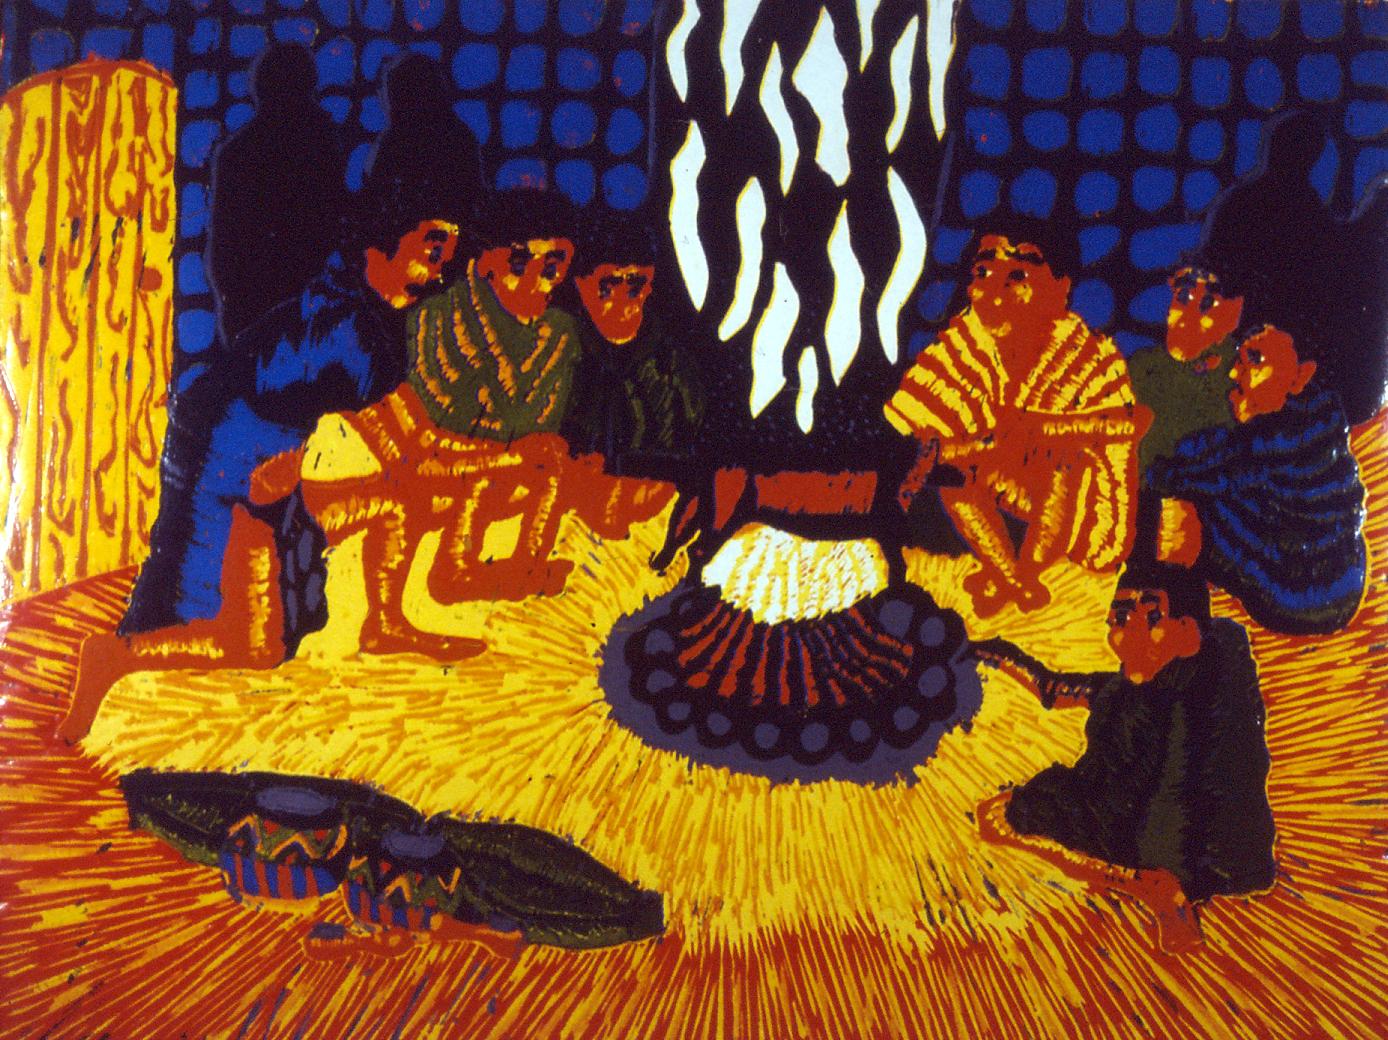 Mbuyiselo Deyi, African Braai, 1991.